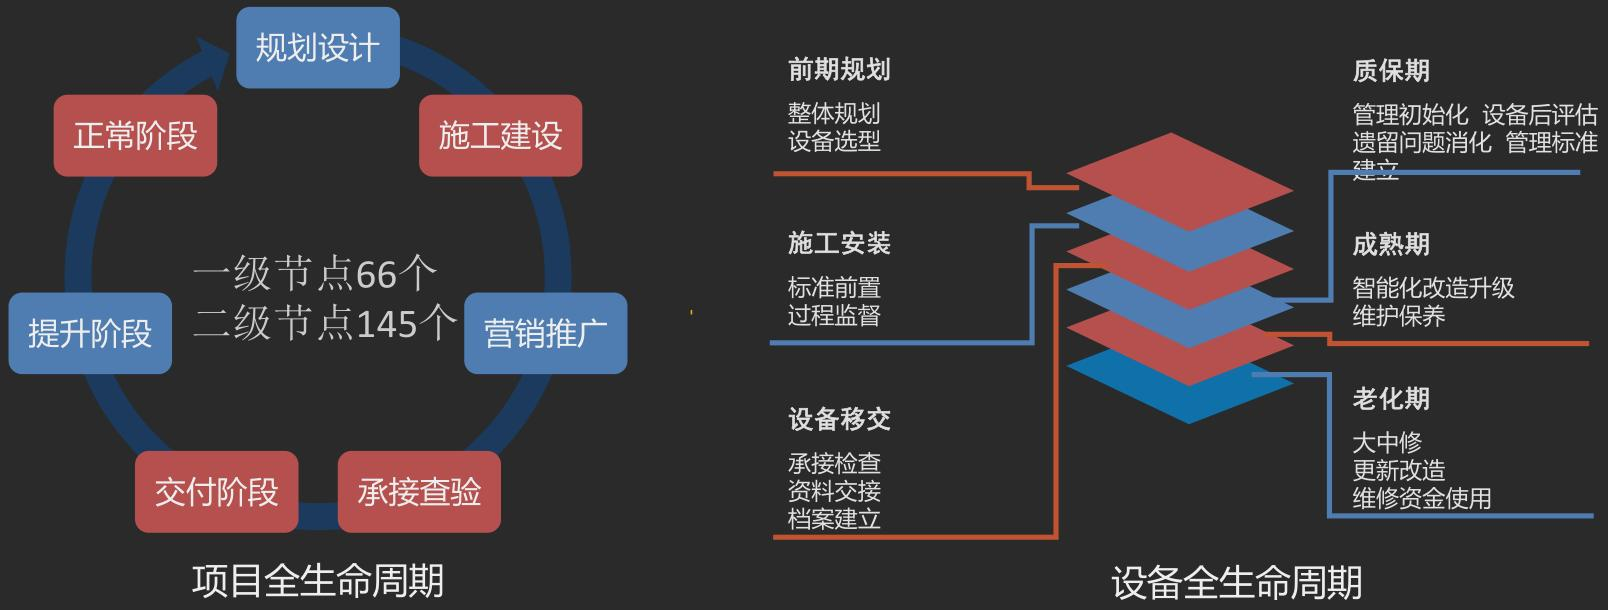 鑫苑服务:打造开放性泛物业产业生态